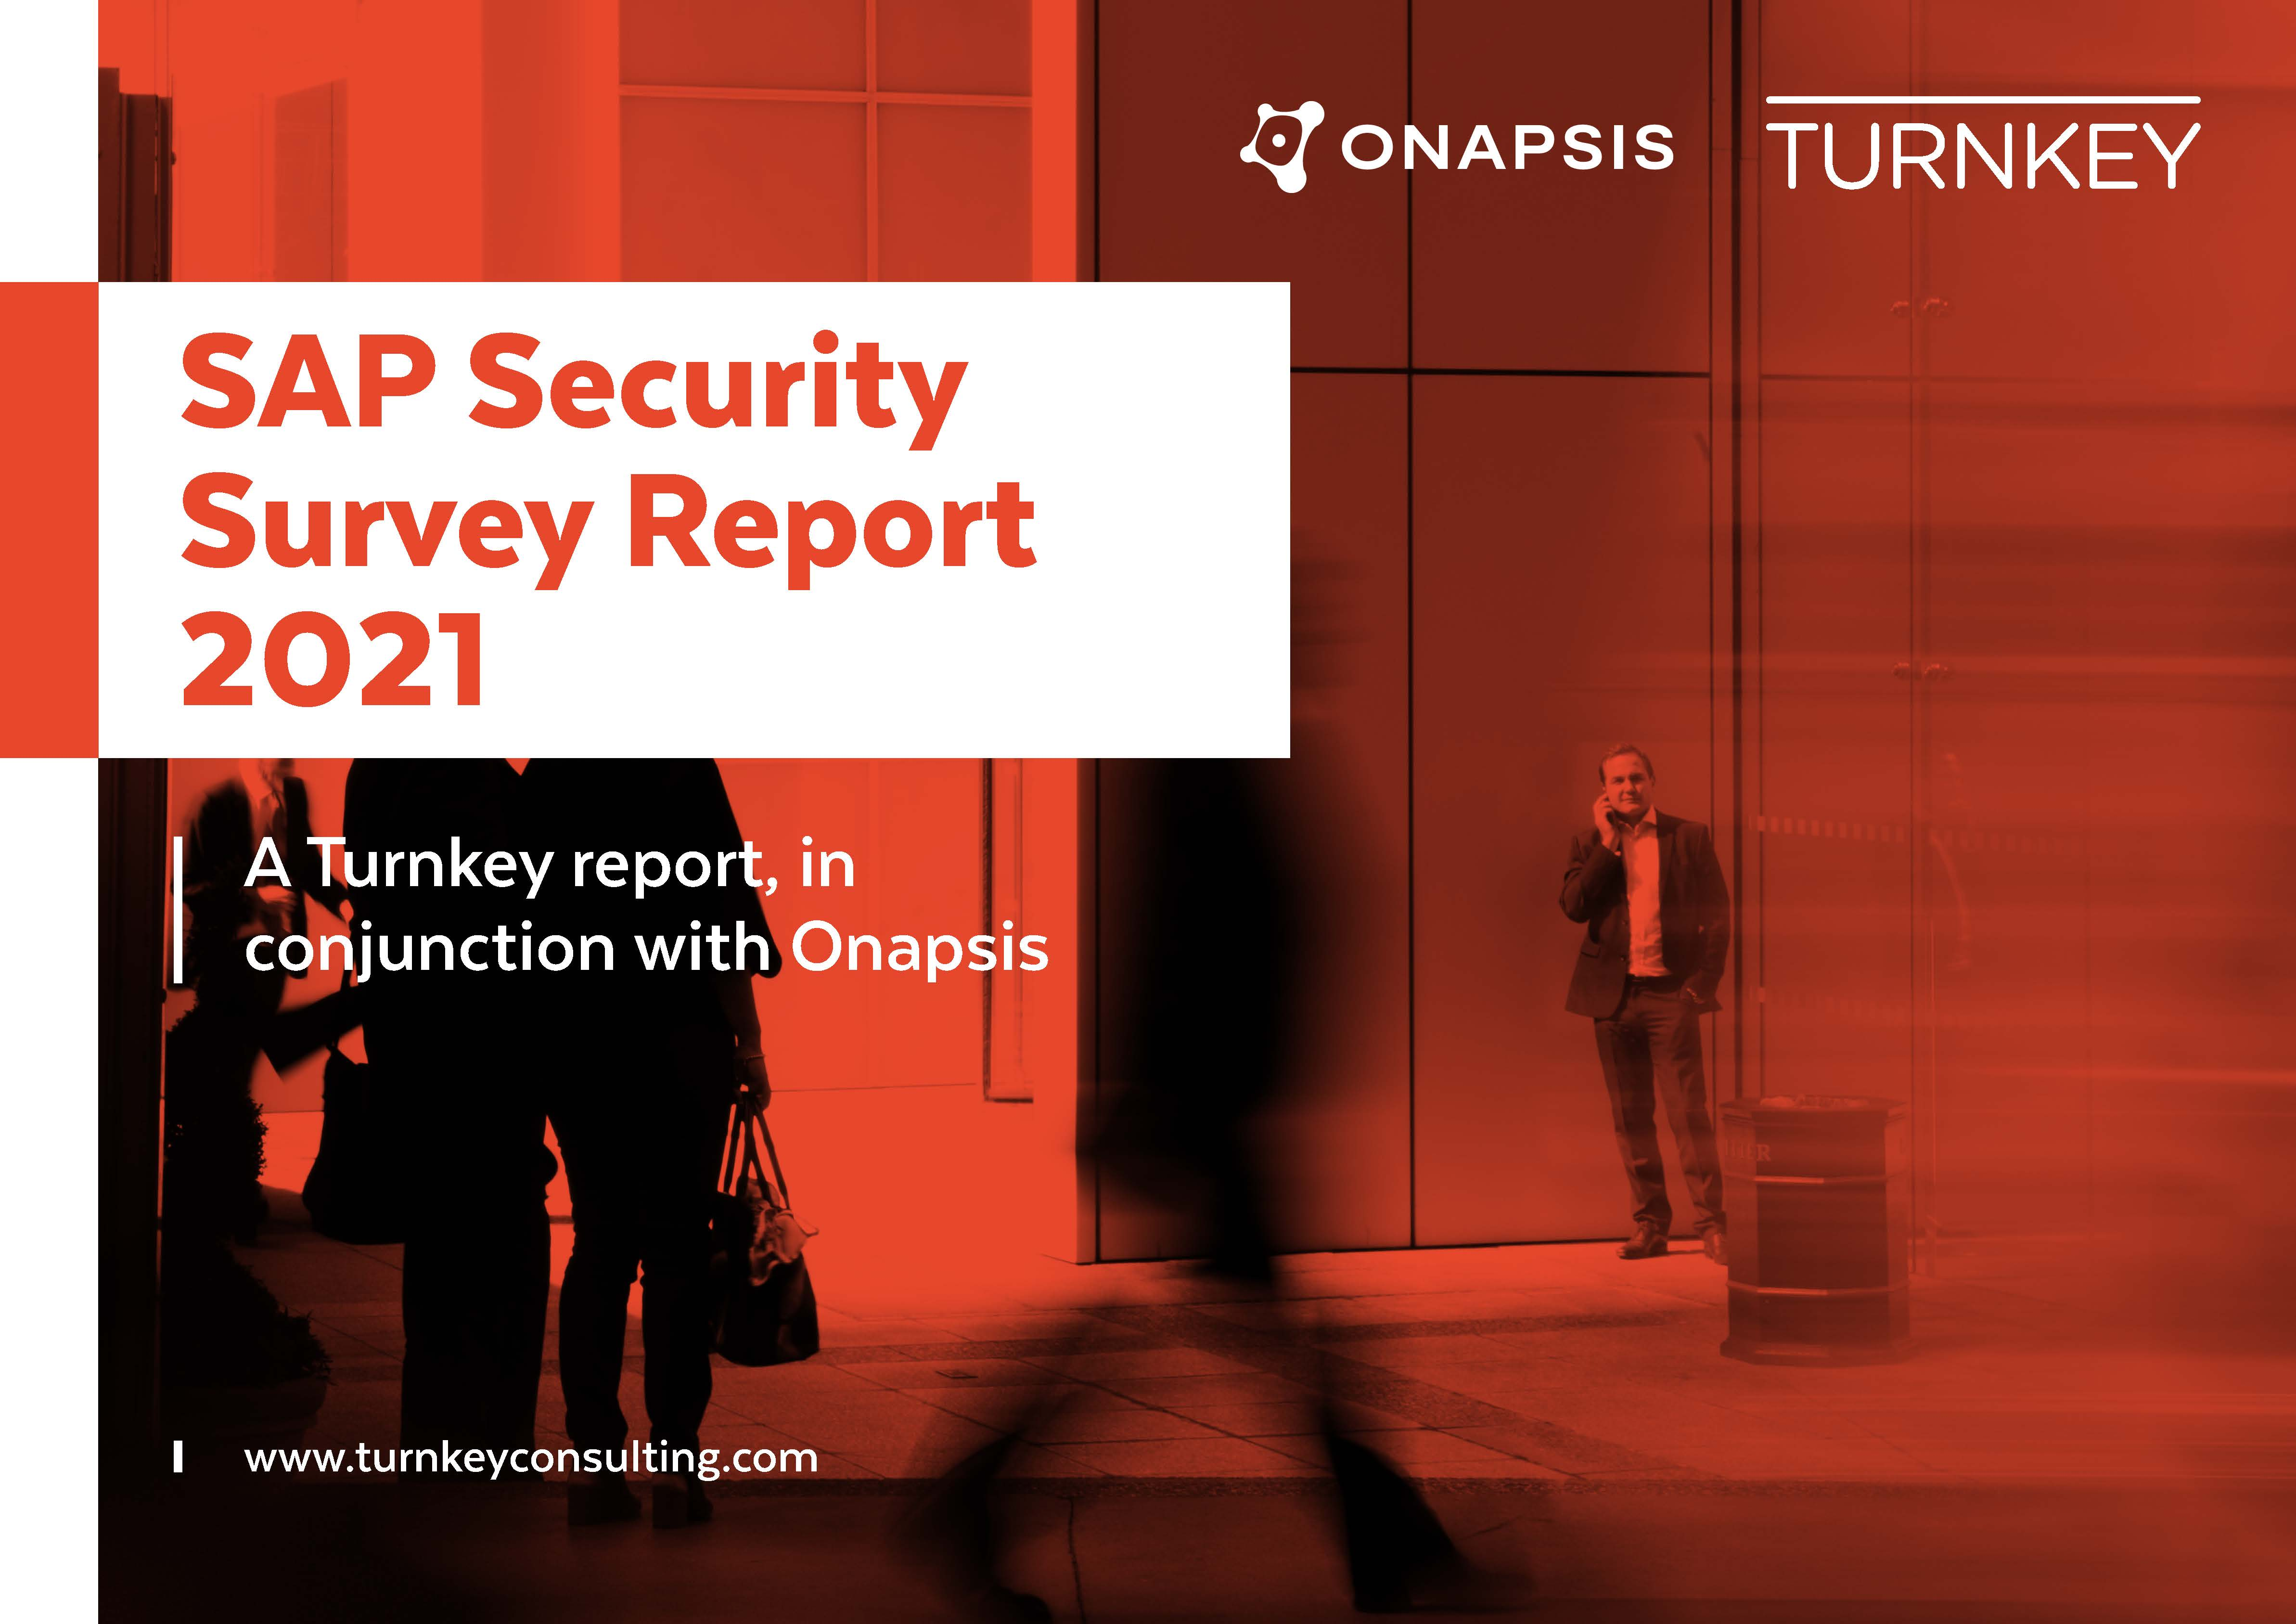 SAP Security Survey Report 2021_Page_01